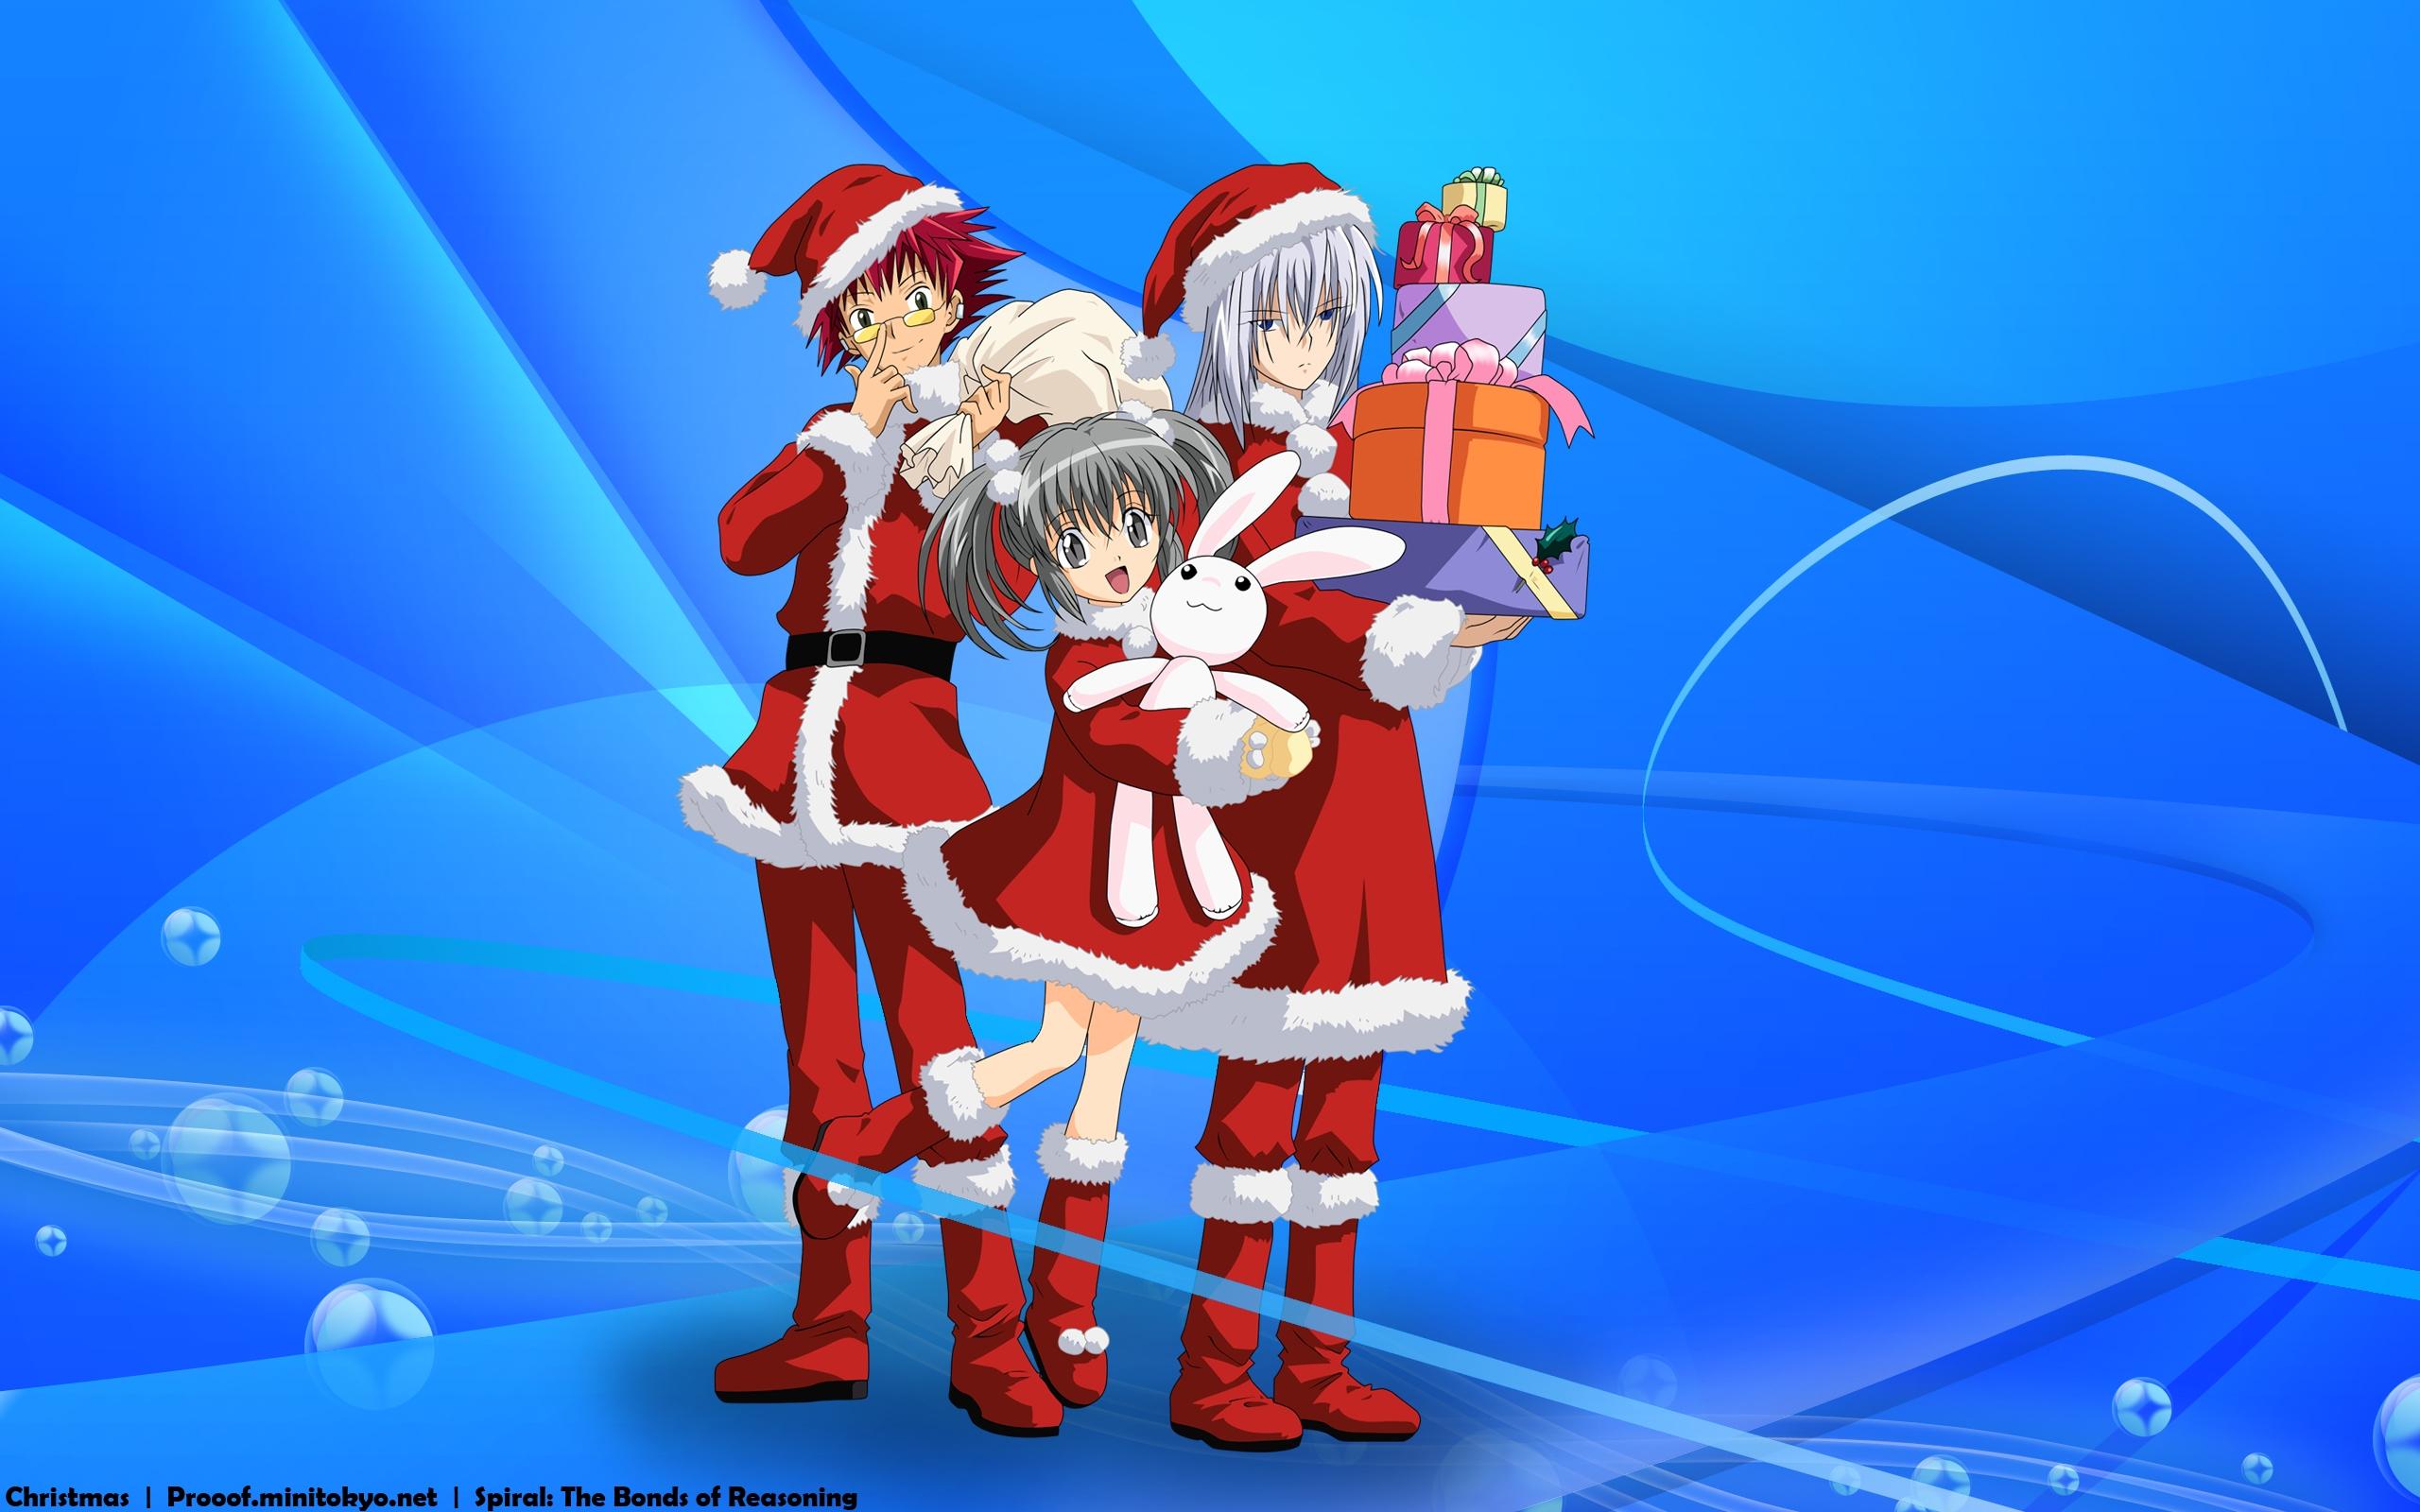 Anime Christmas Wallpaper.Anime Merry Christmas Hd Wallpaper